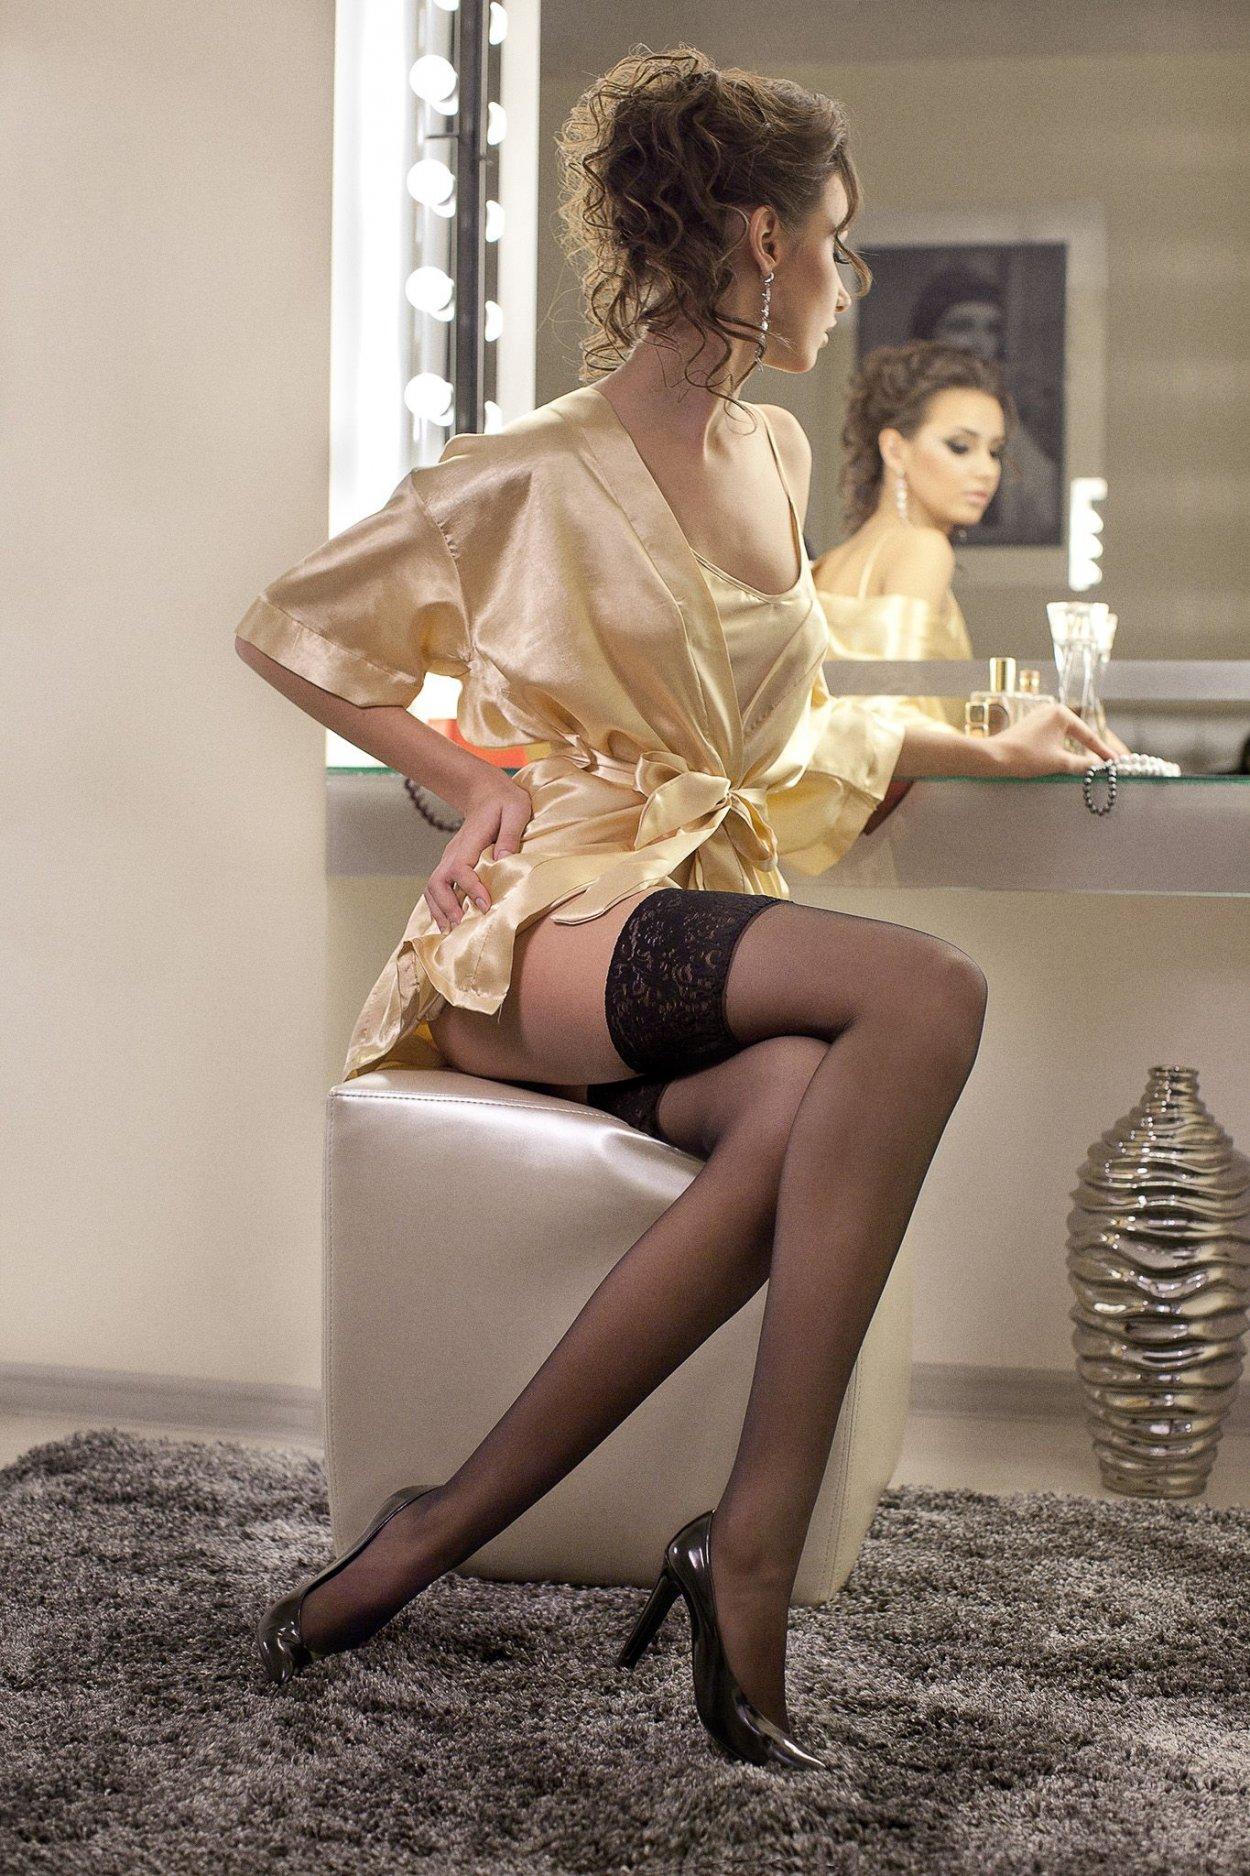 Красивые девушки показали ножки в чулочках (40 фото) 13